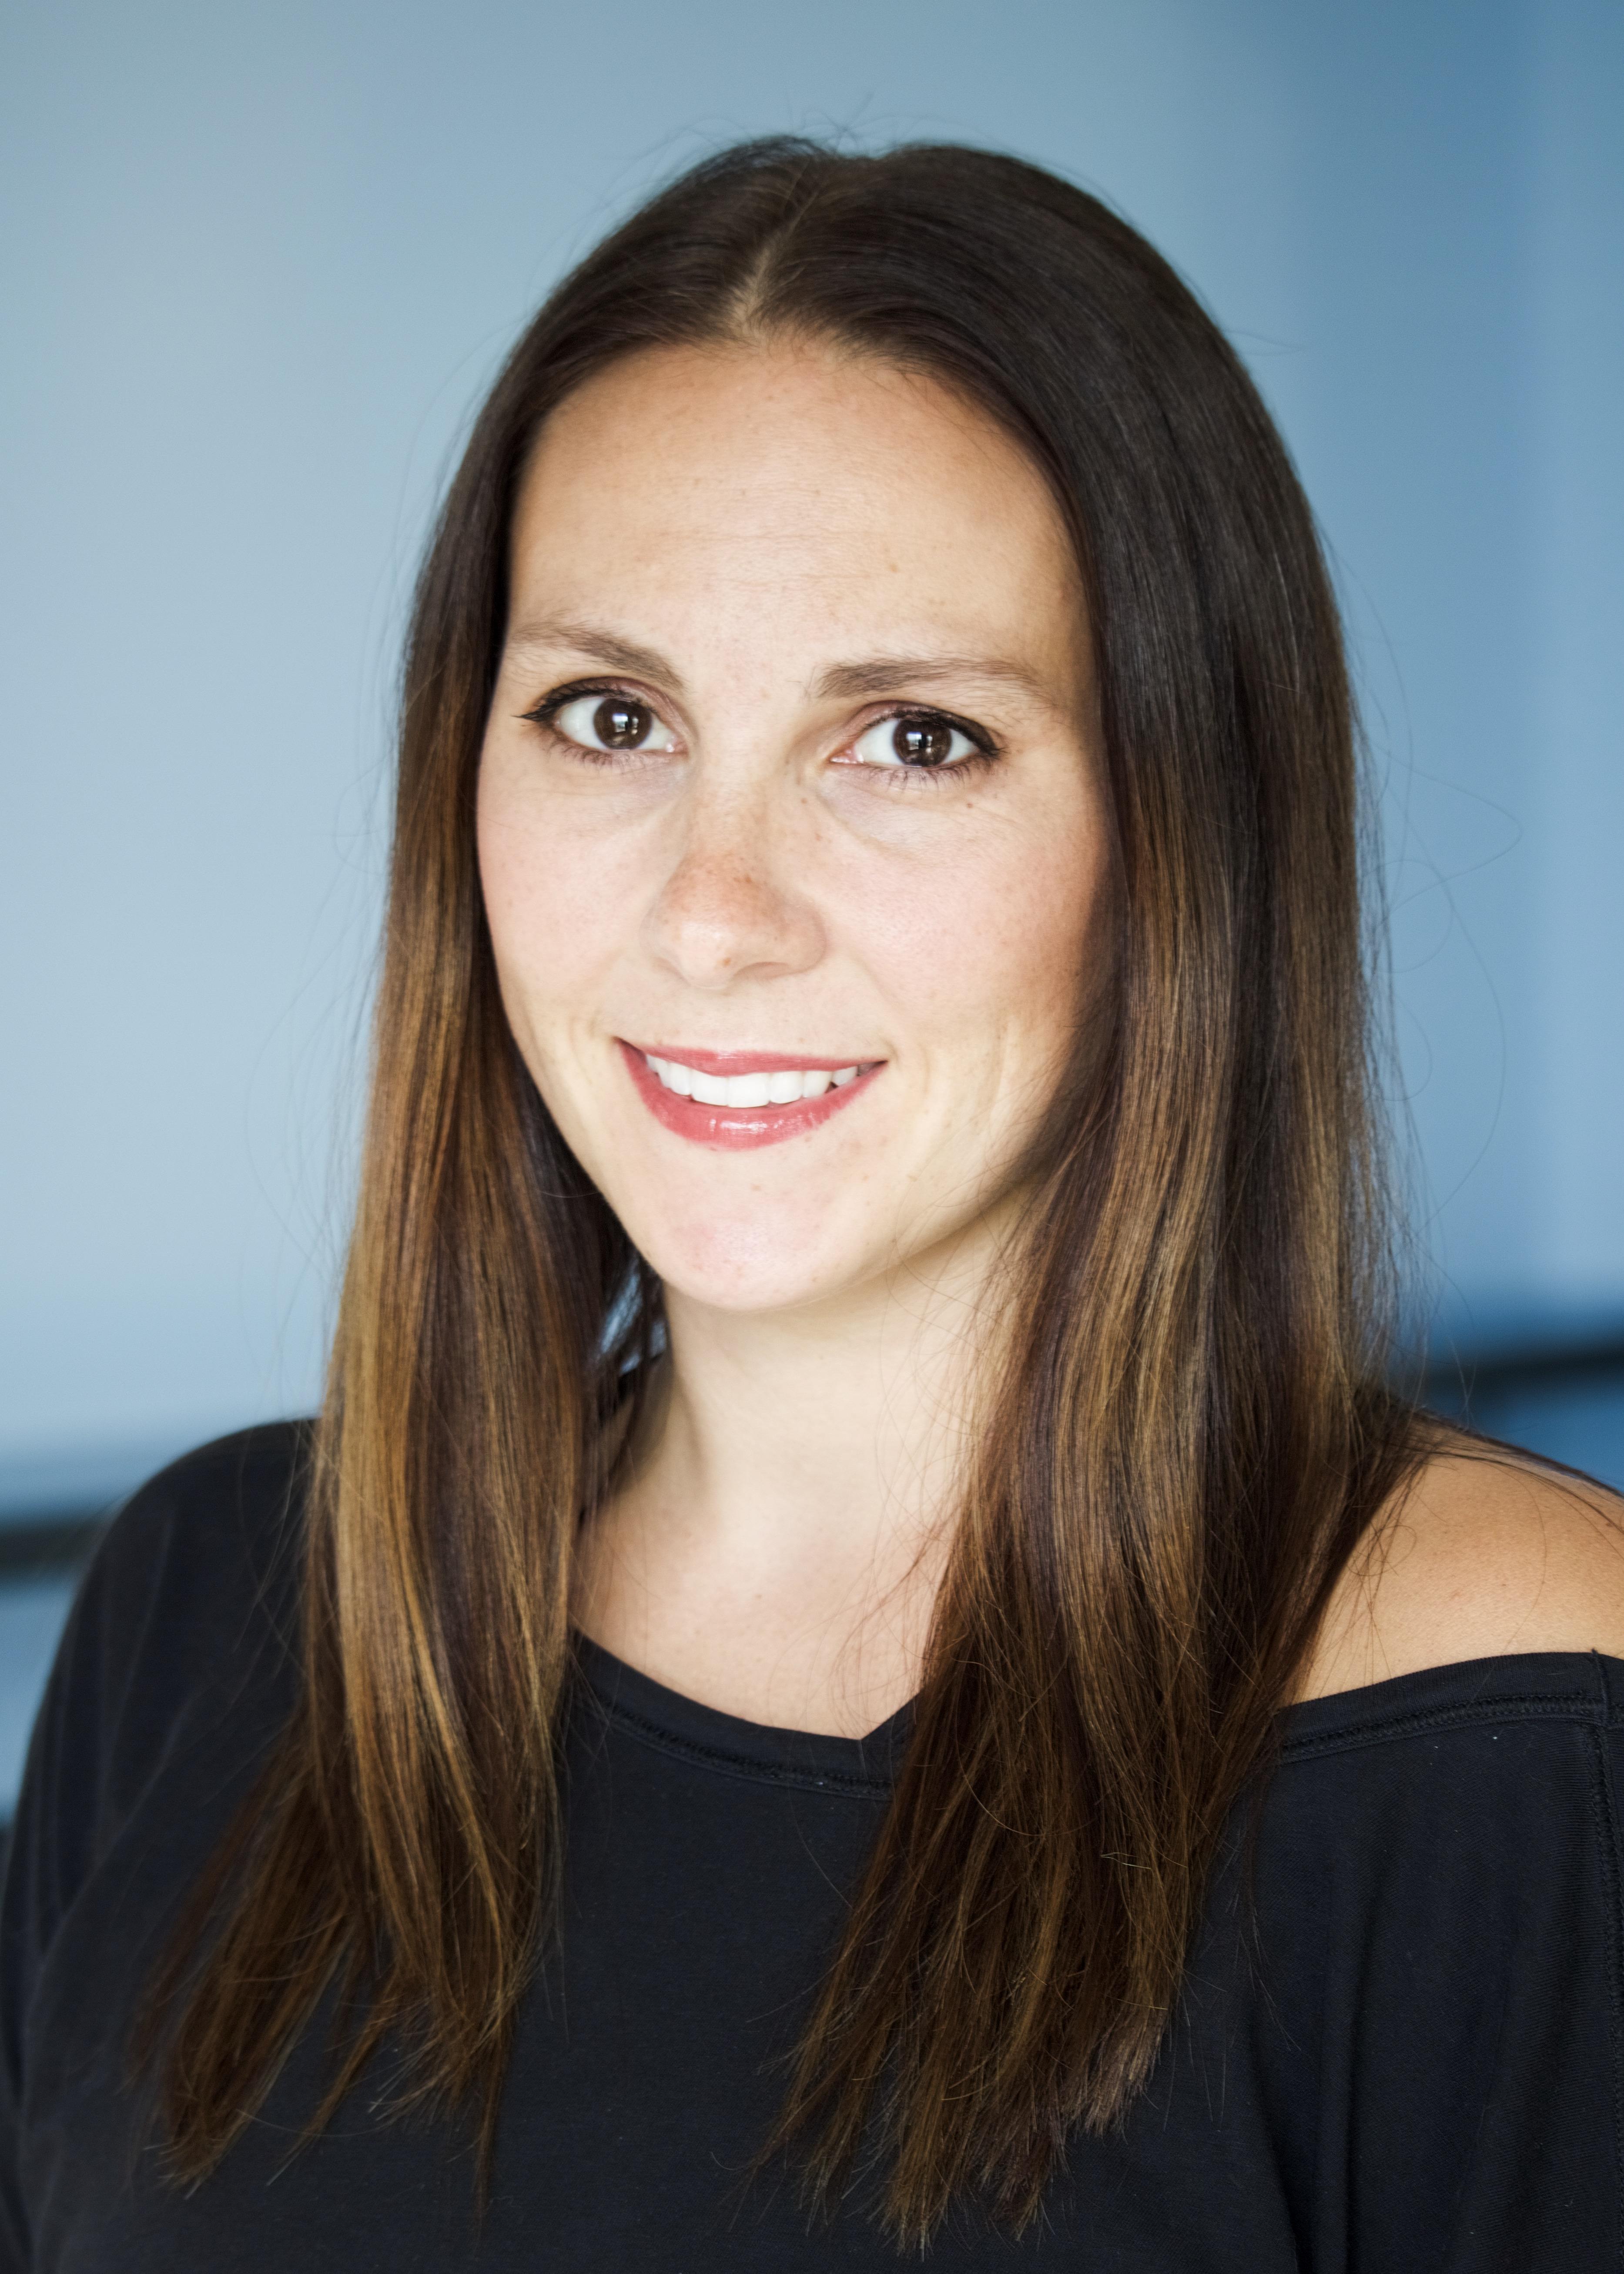 Vanessa Warren